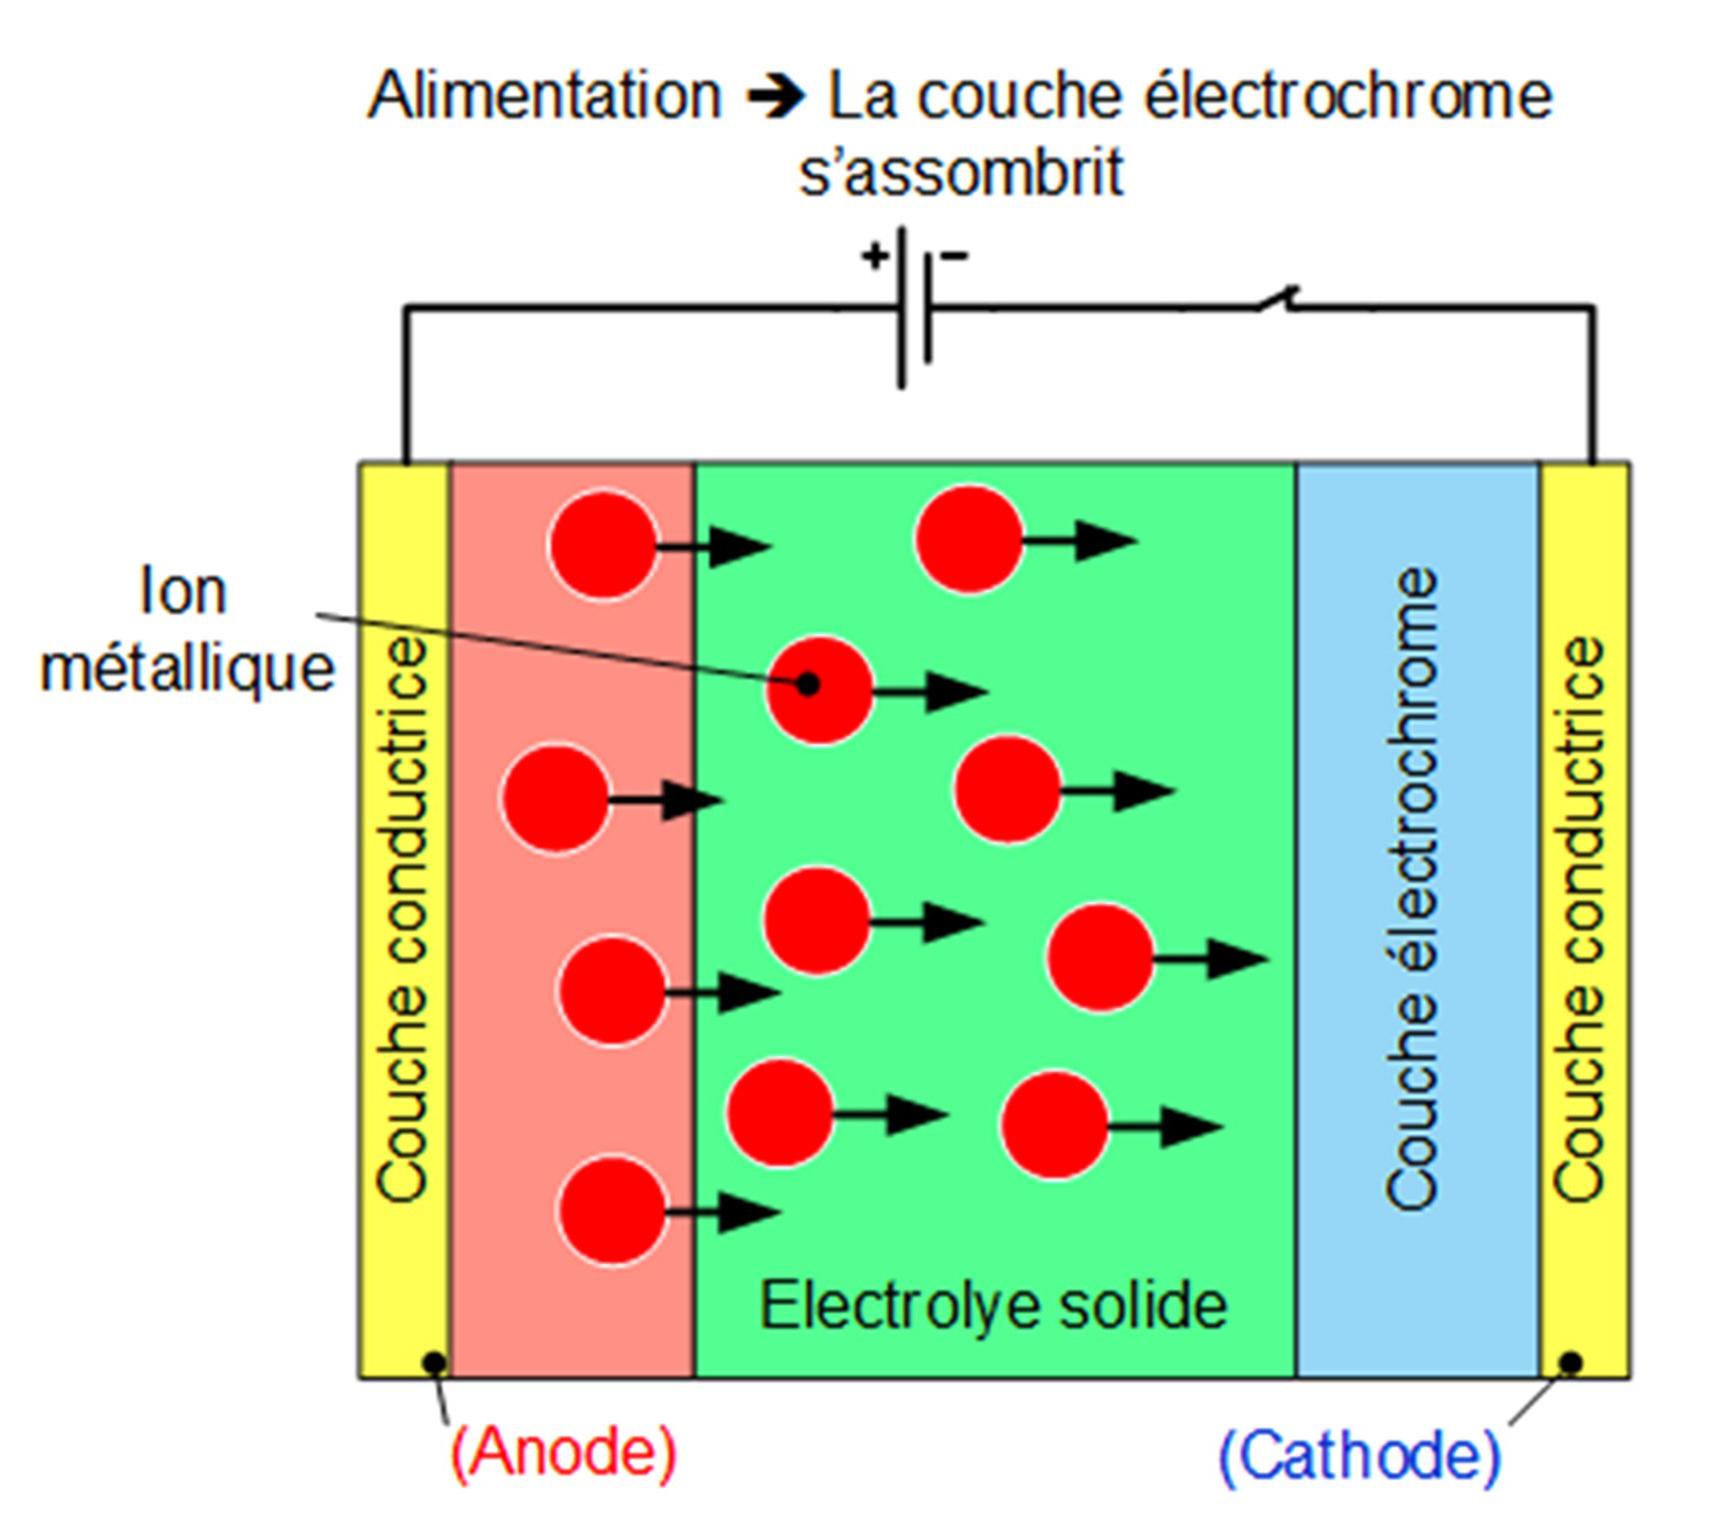 Schéma de principe de la structure électrochrome du vitrage ou verre solaire dynamique